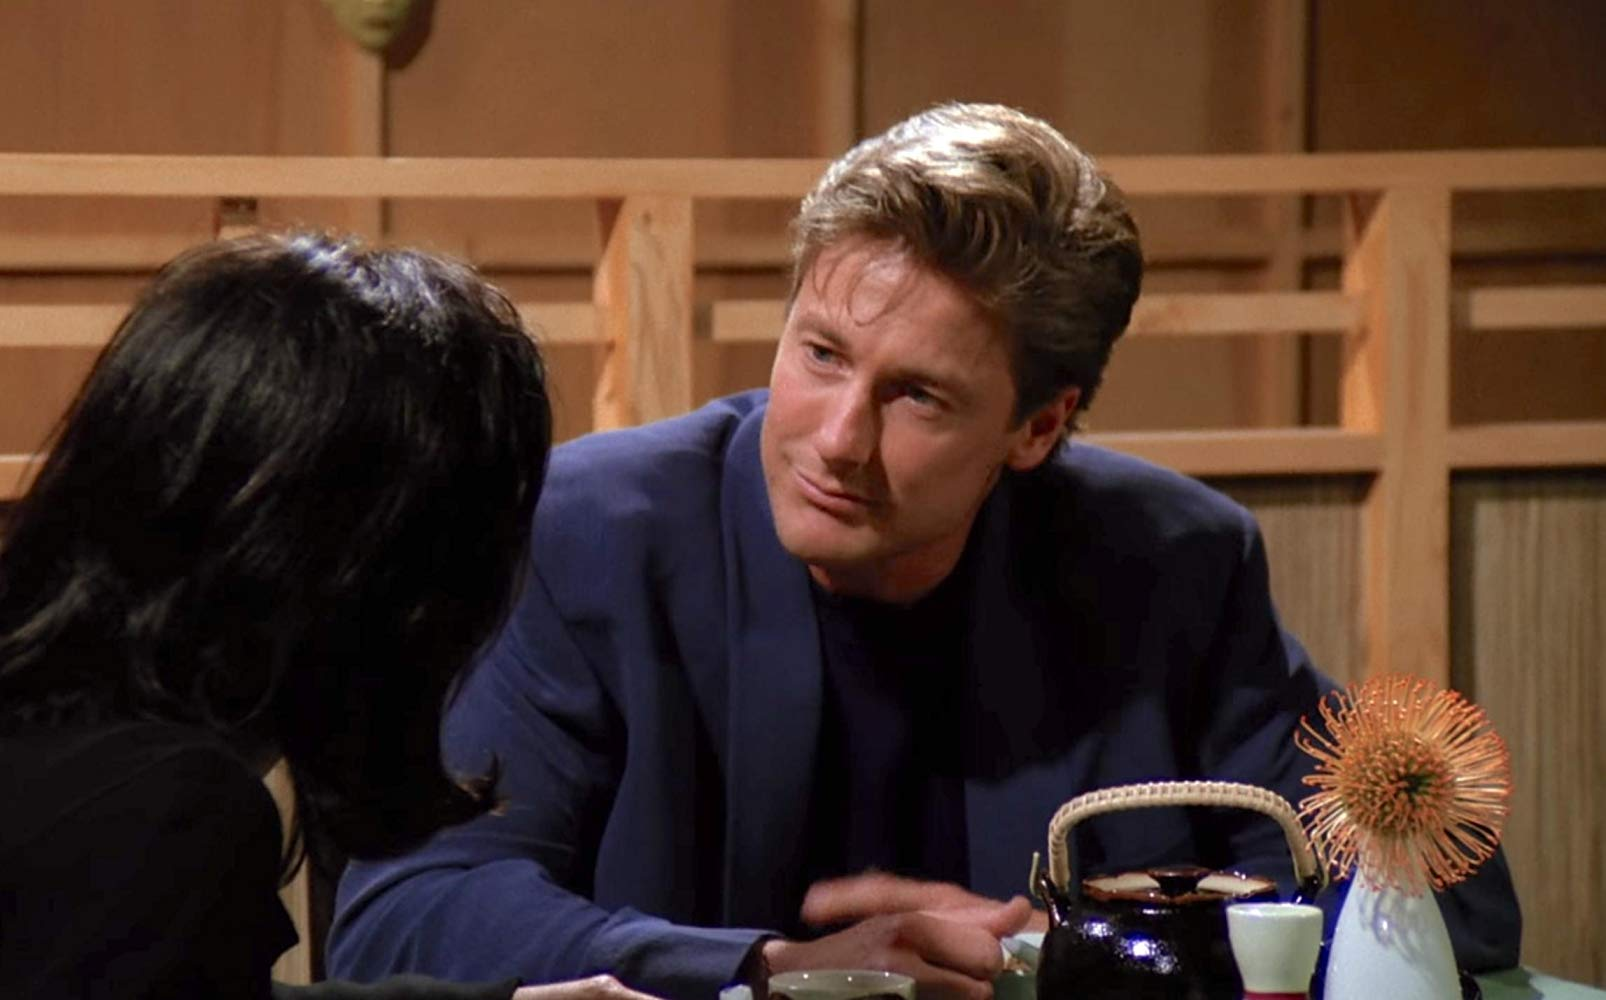 Friends: co-criador revela que emissora tentou cortar história de Mônica